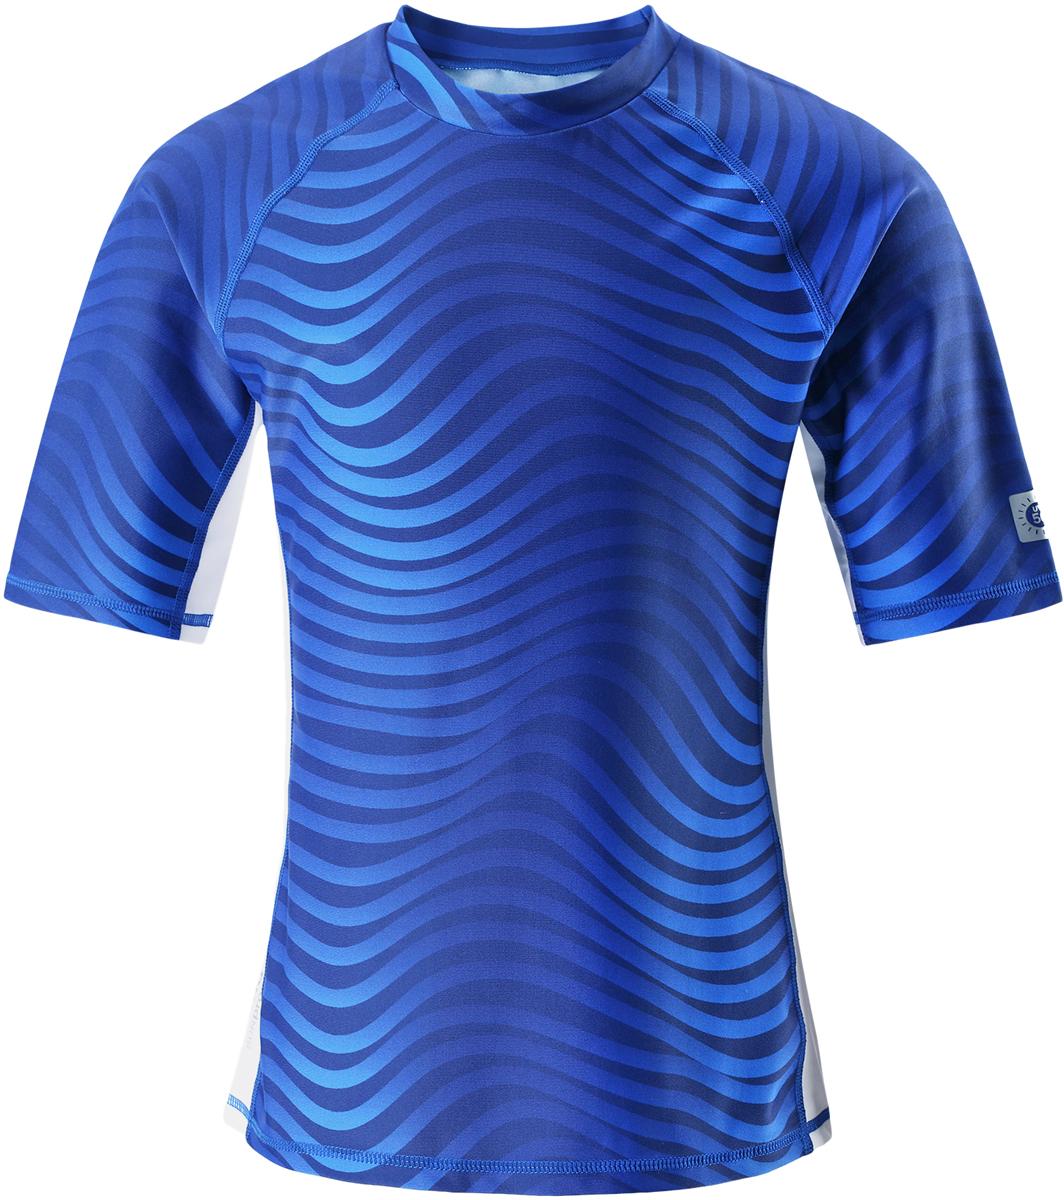 Футболка для плавания детская Reima Fiji, цвет: синий. 5362686642. Размер 1285362686642